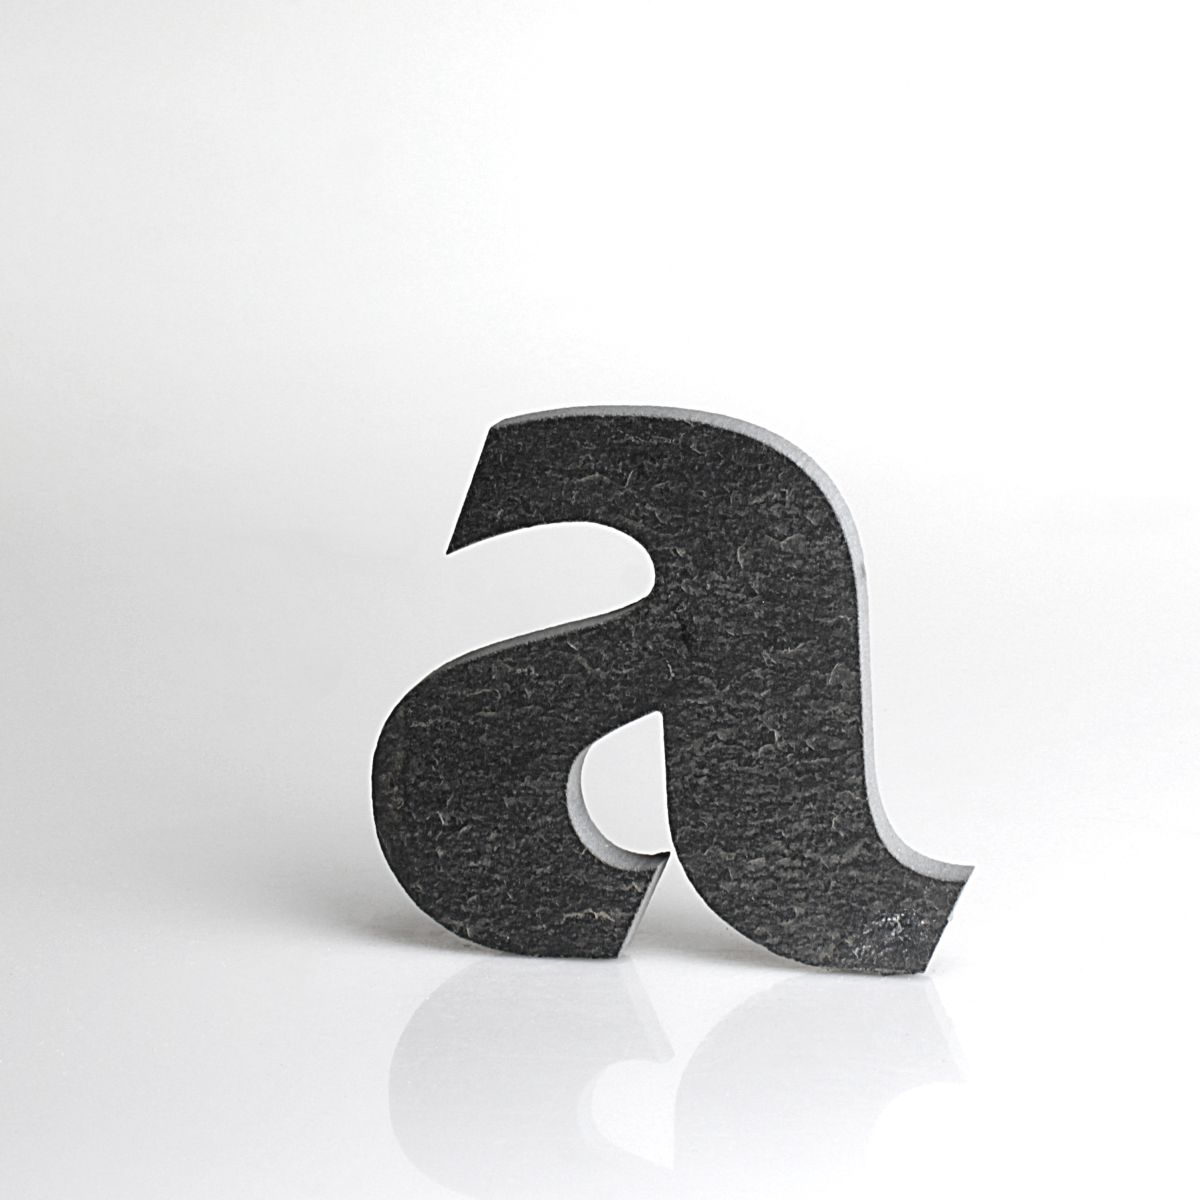 """Domovní číslo popisné Břidlice - písmeno """"a"""""""